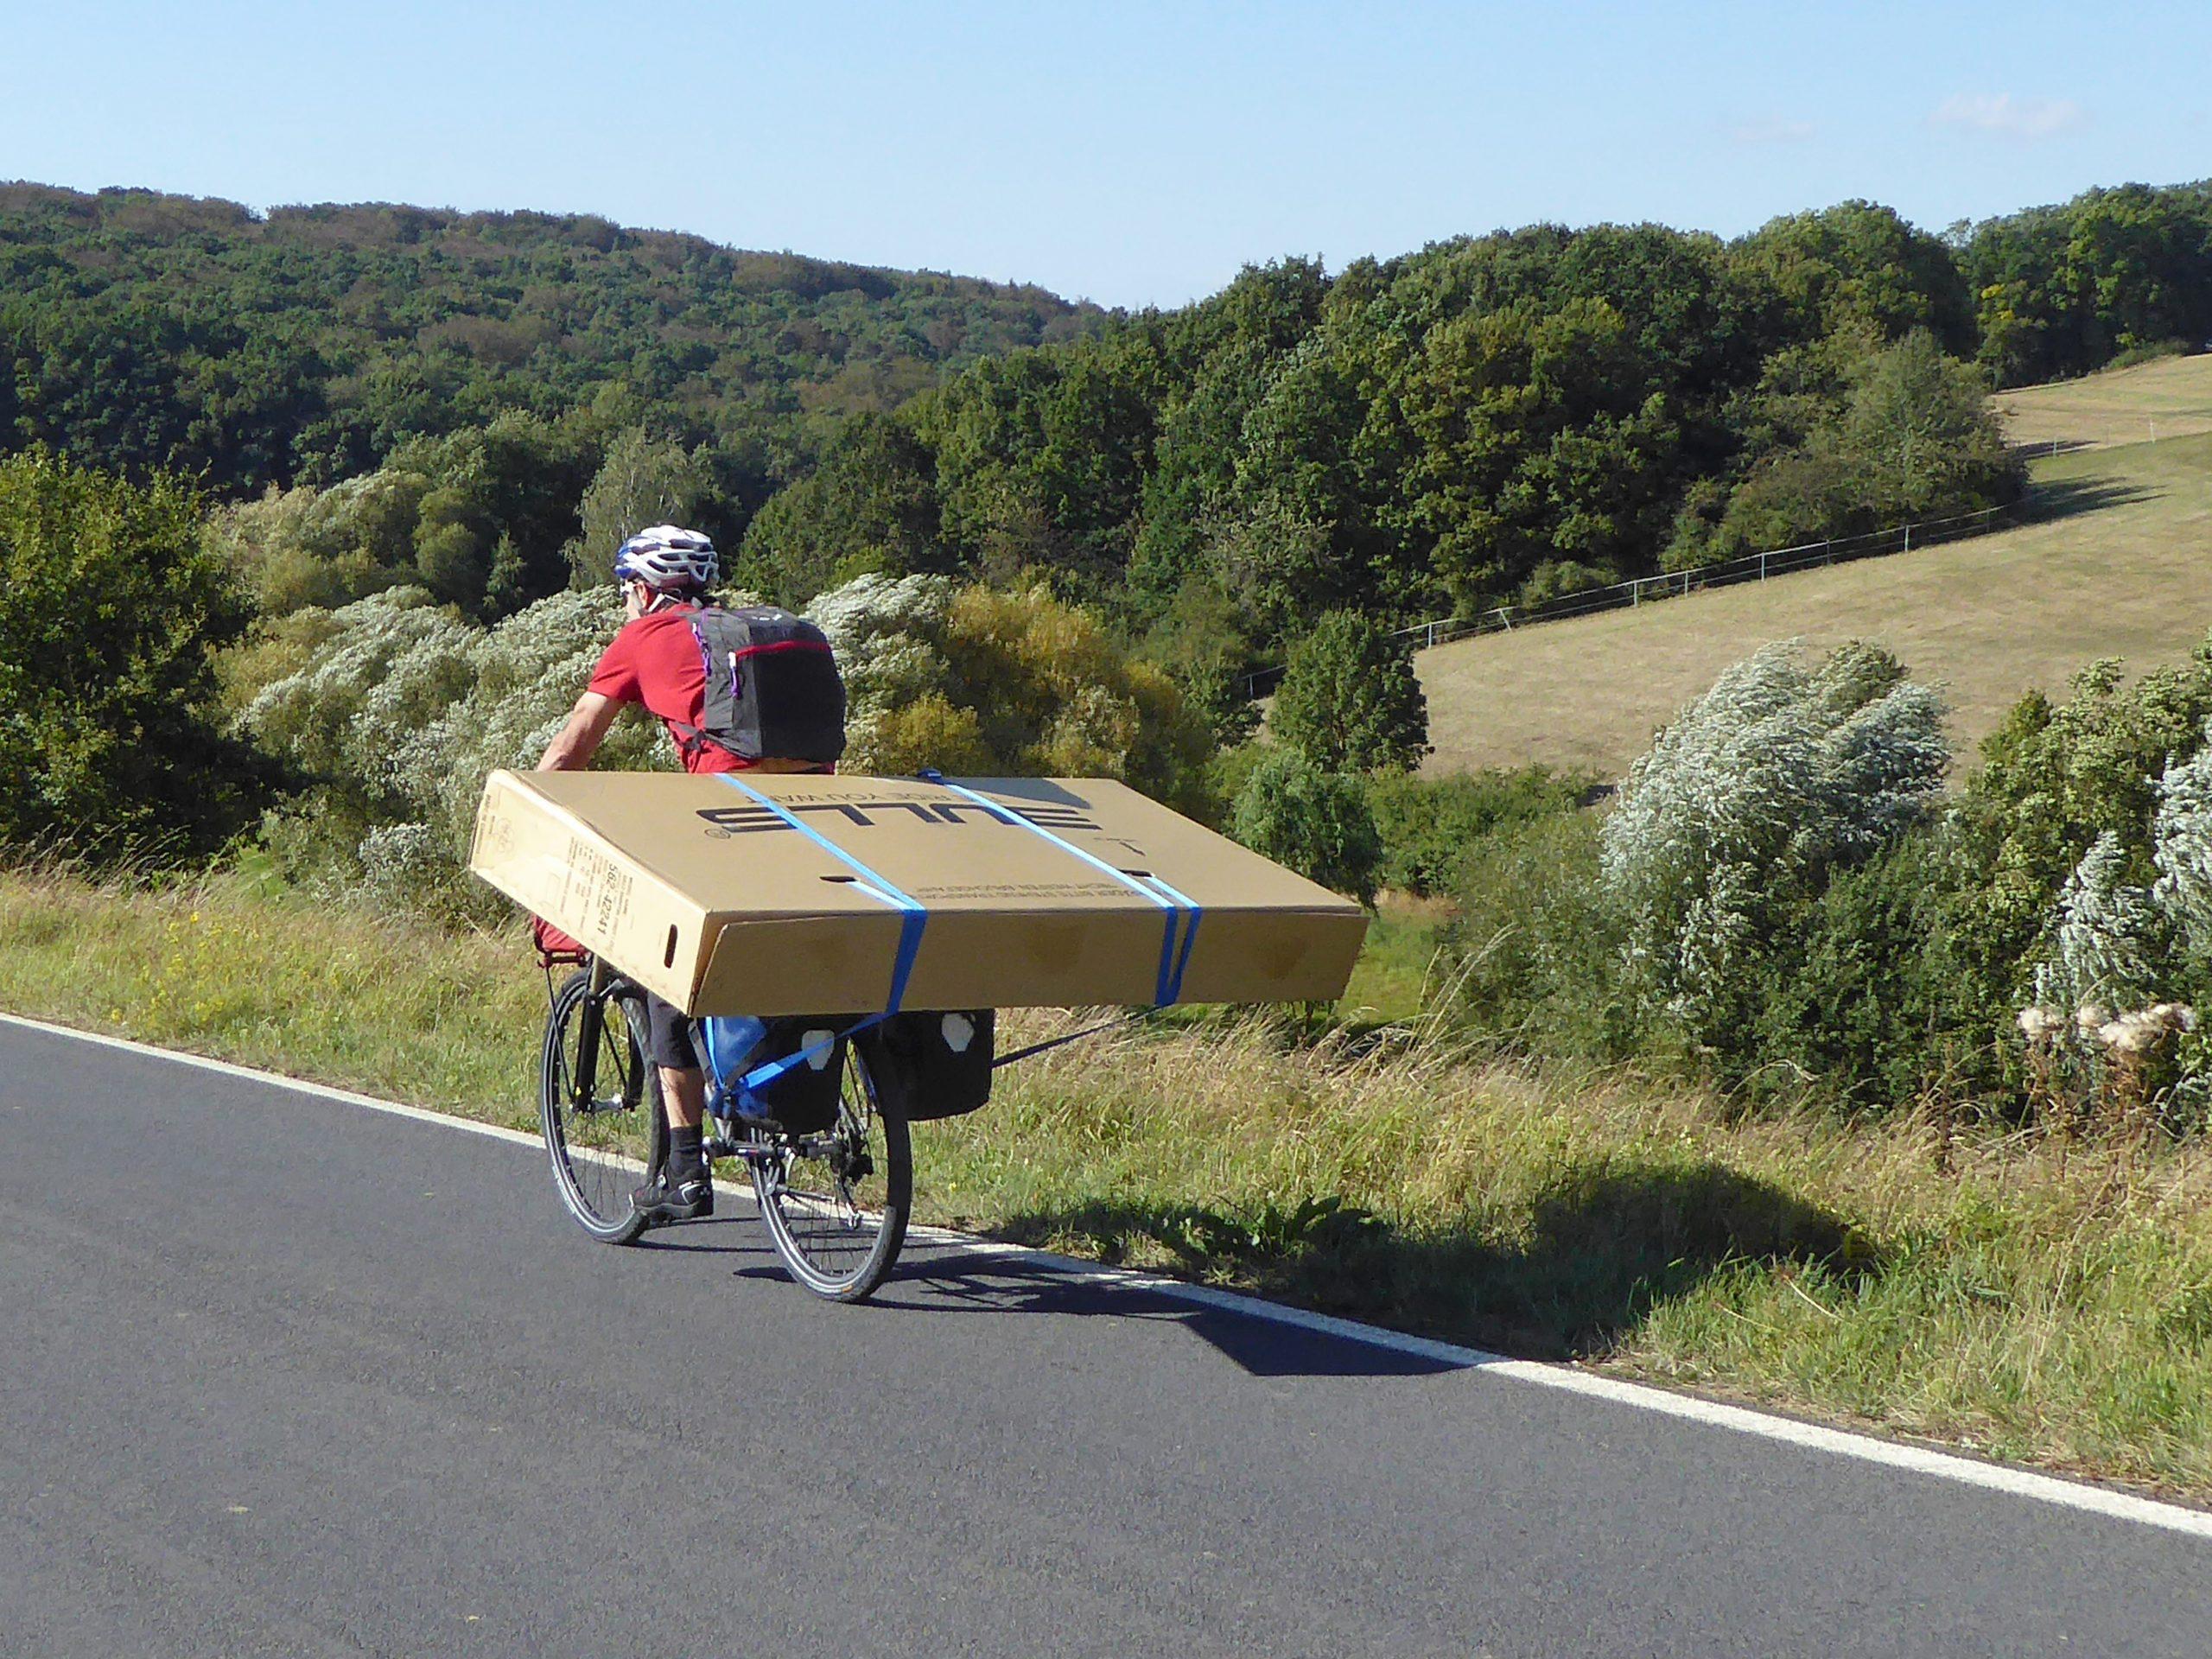 Radreise Australien 2016 - Fahrt zum Bahnhof Schweinfurt